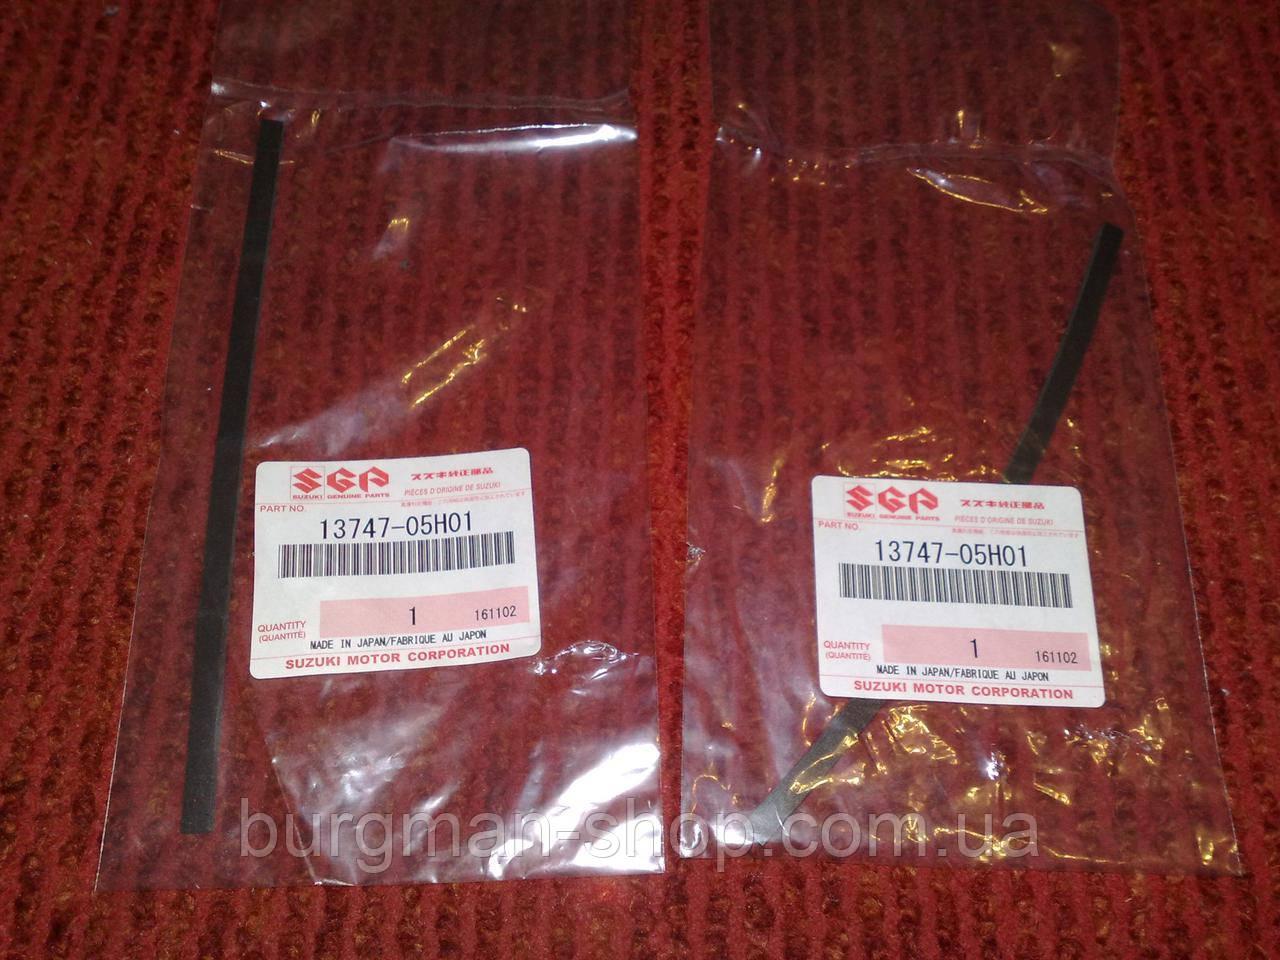 Прокладка под воздушный фильтр малая К7 Suzuki Burgman SkyWave 13747-05H01